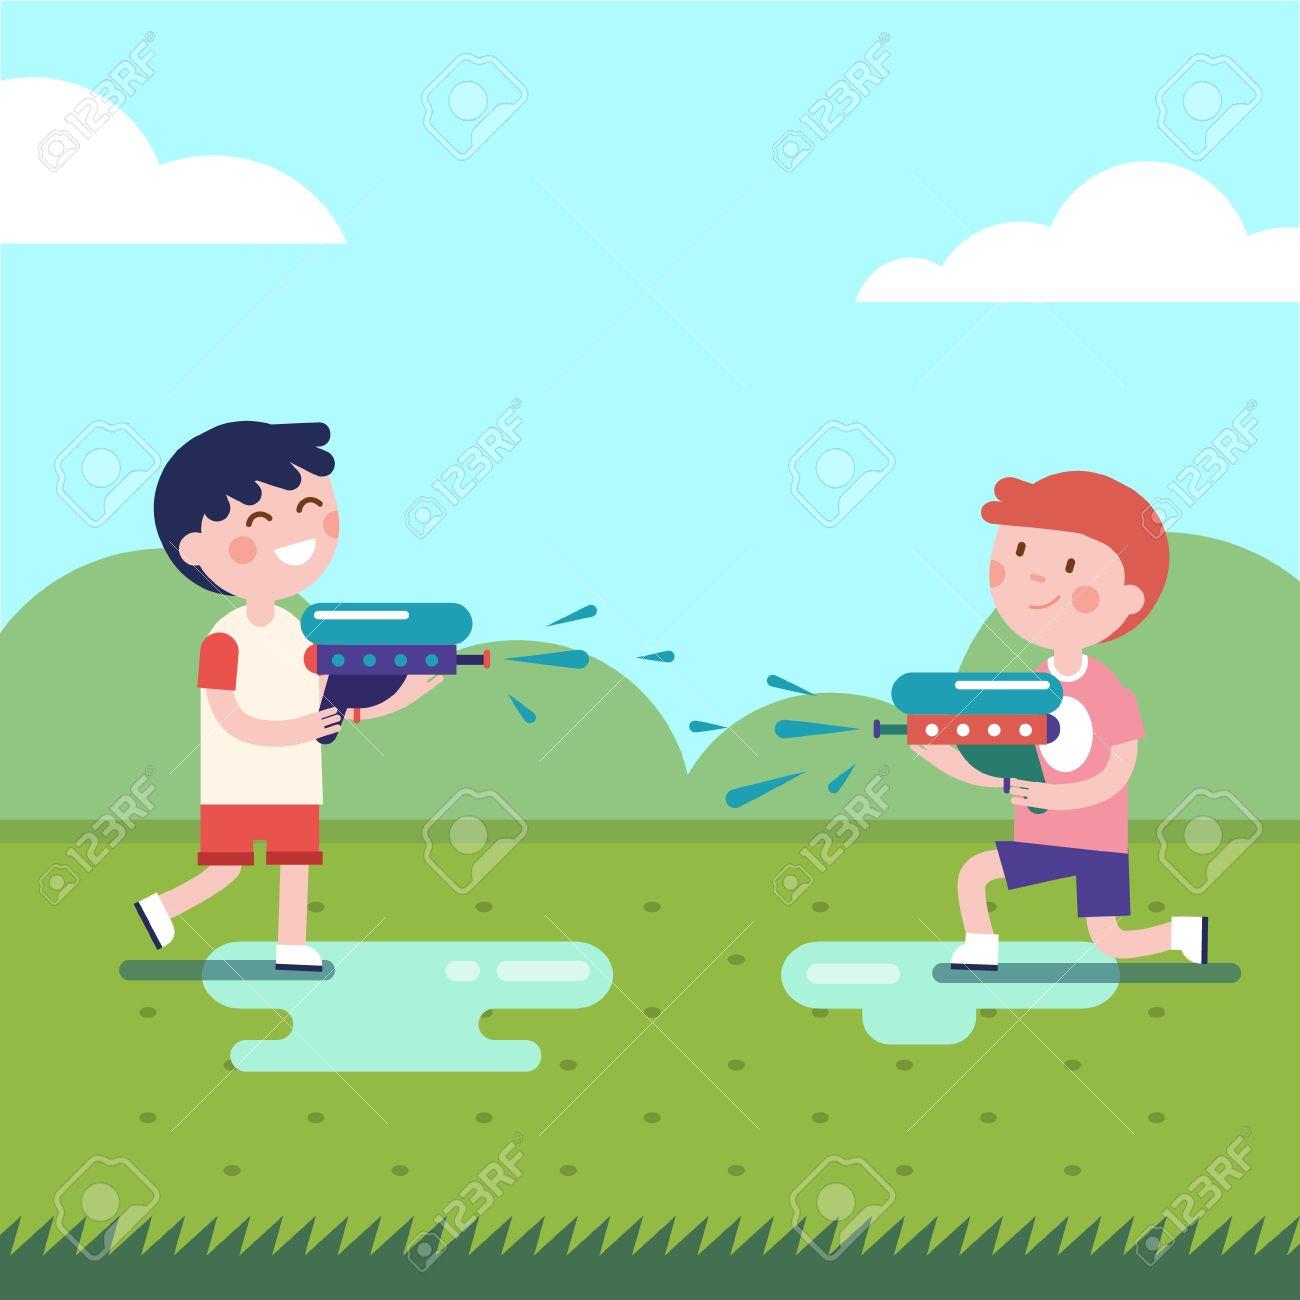 Dos niños jugando pistolas de agua guerras. niños mojados disparando  pistolas de agua. ilustración vectorial plana clipart moderna..